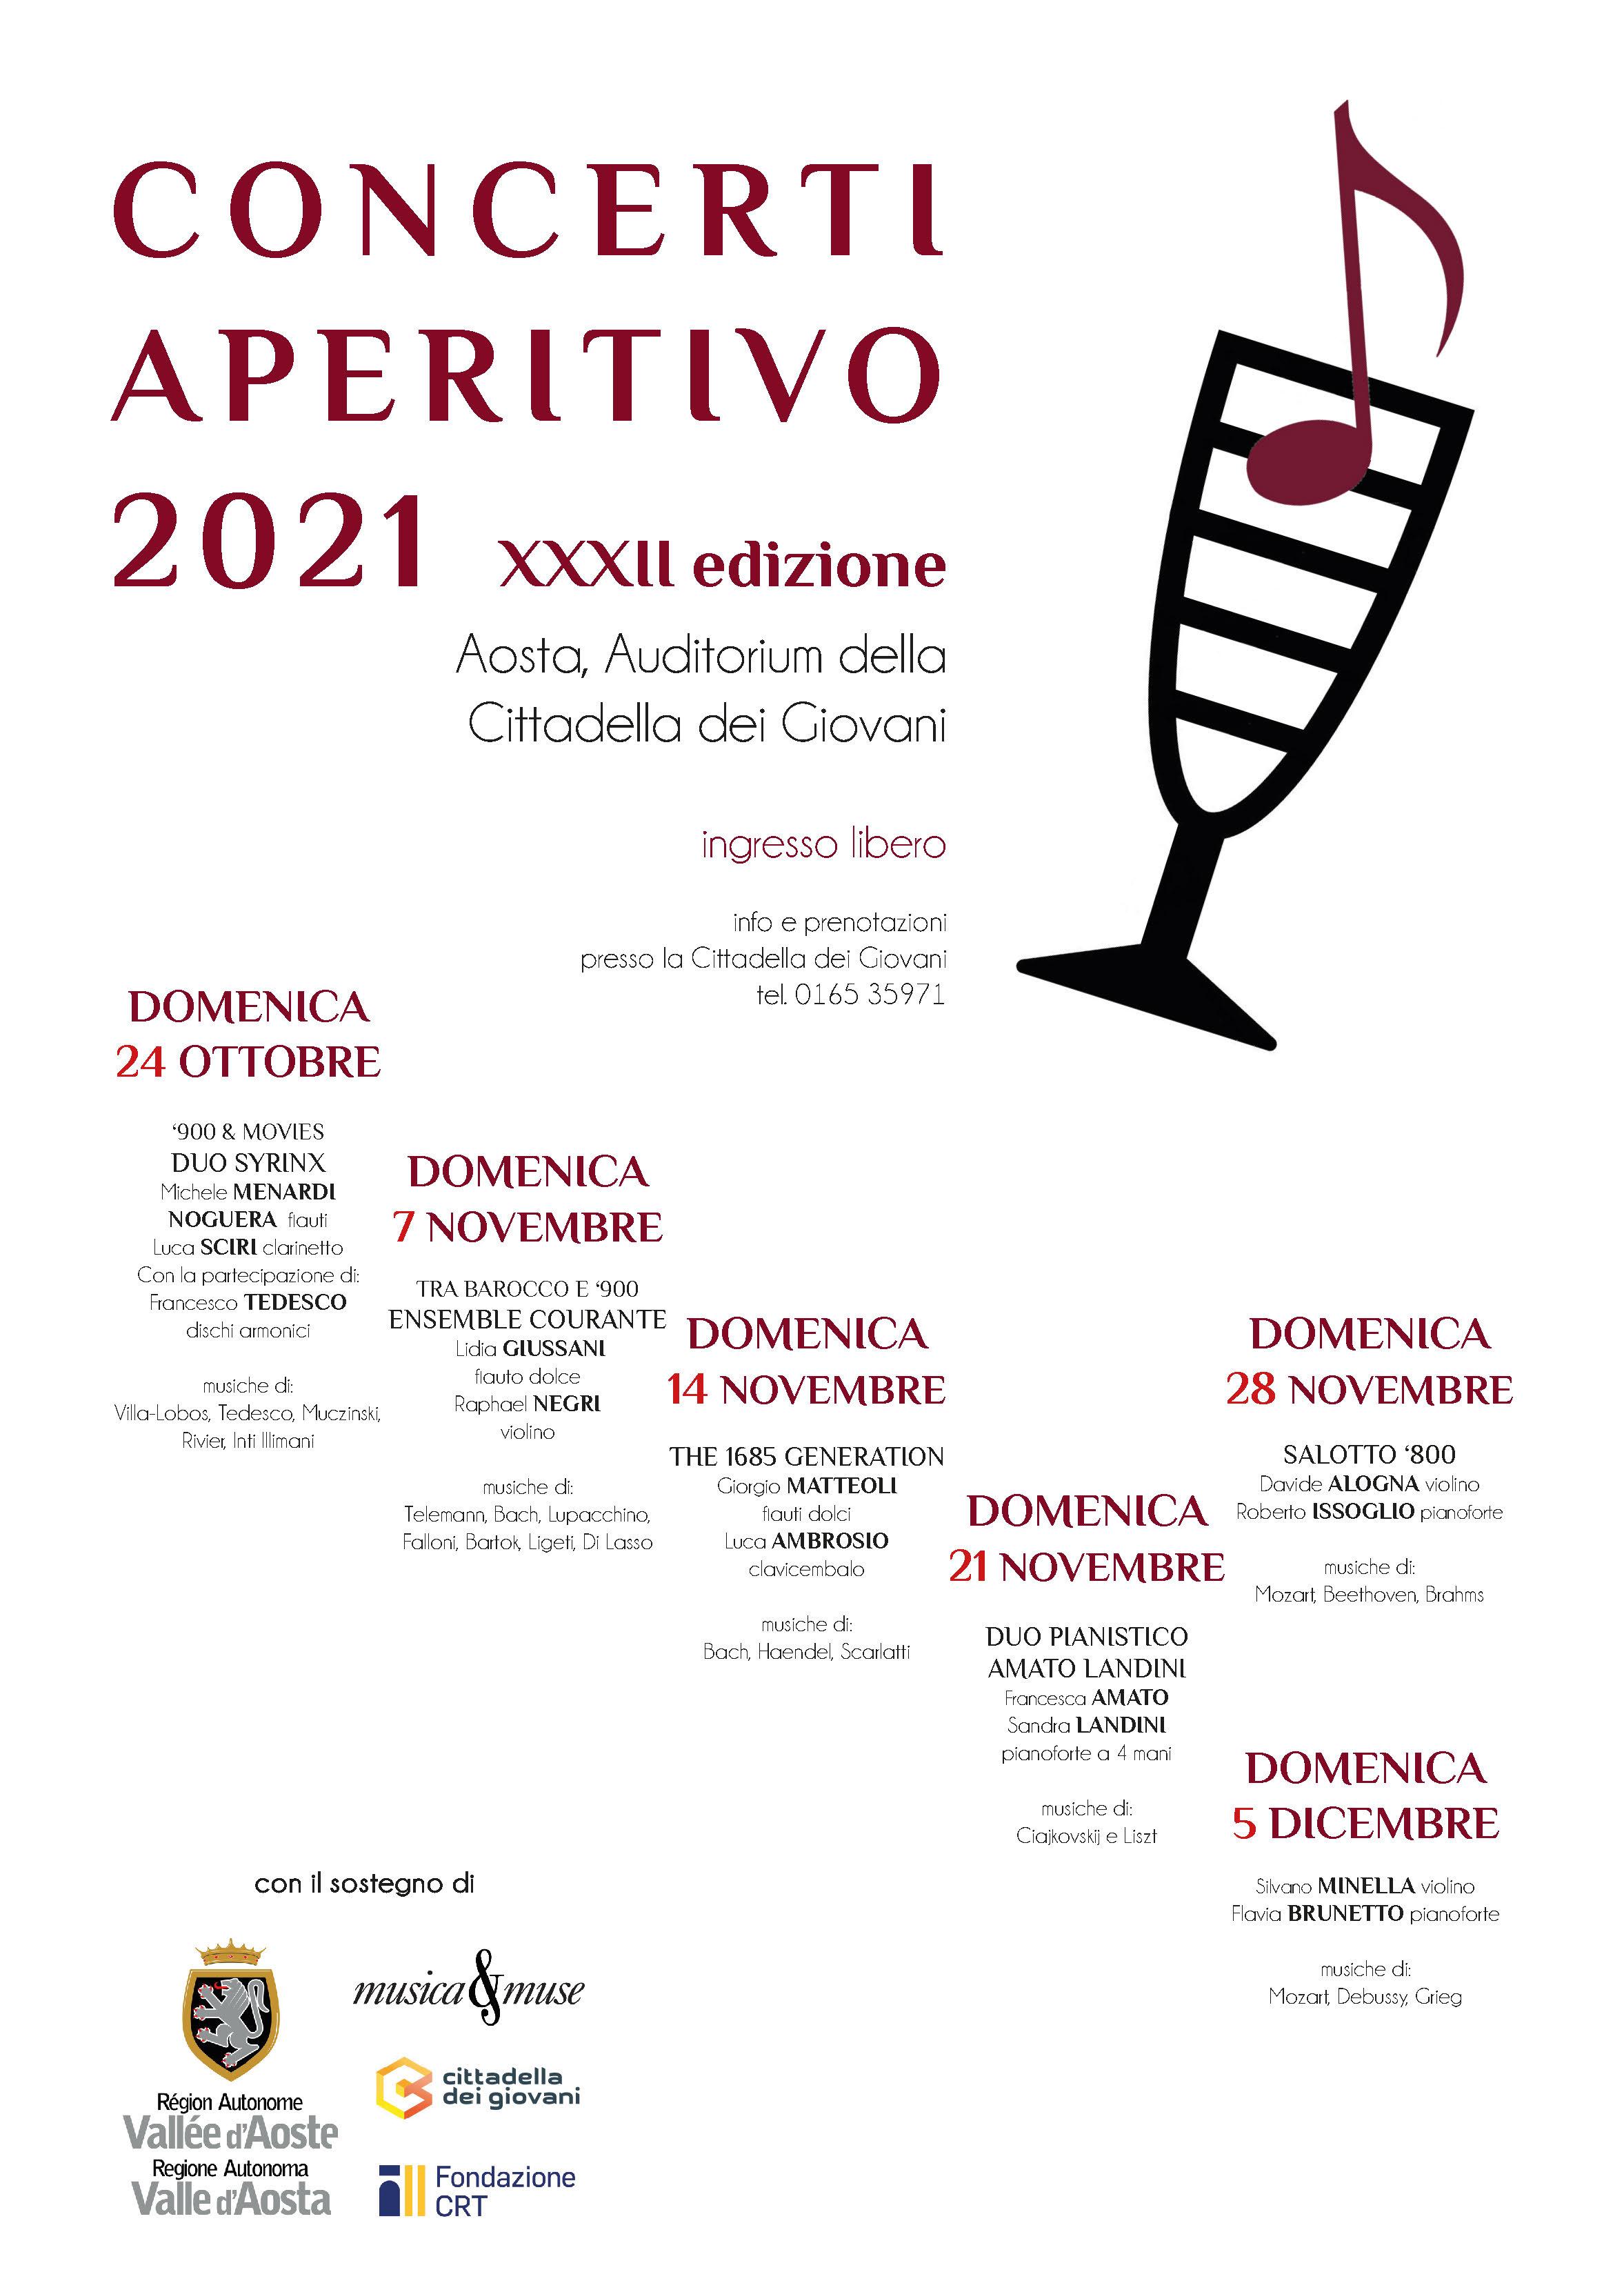 Locandina Concerti Aperitivo - Aosta Inverno 2021